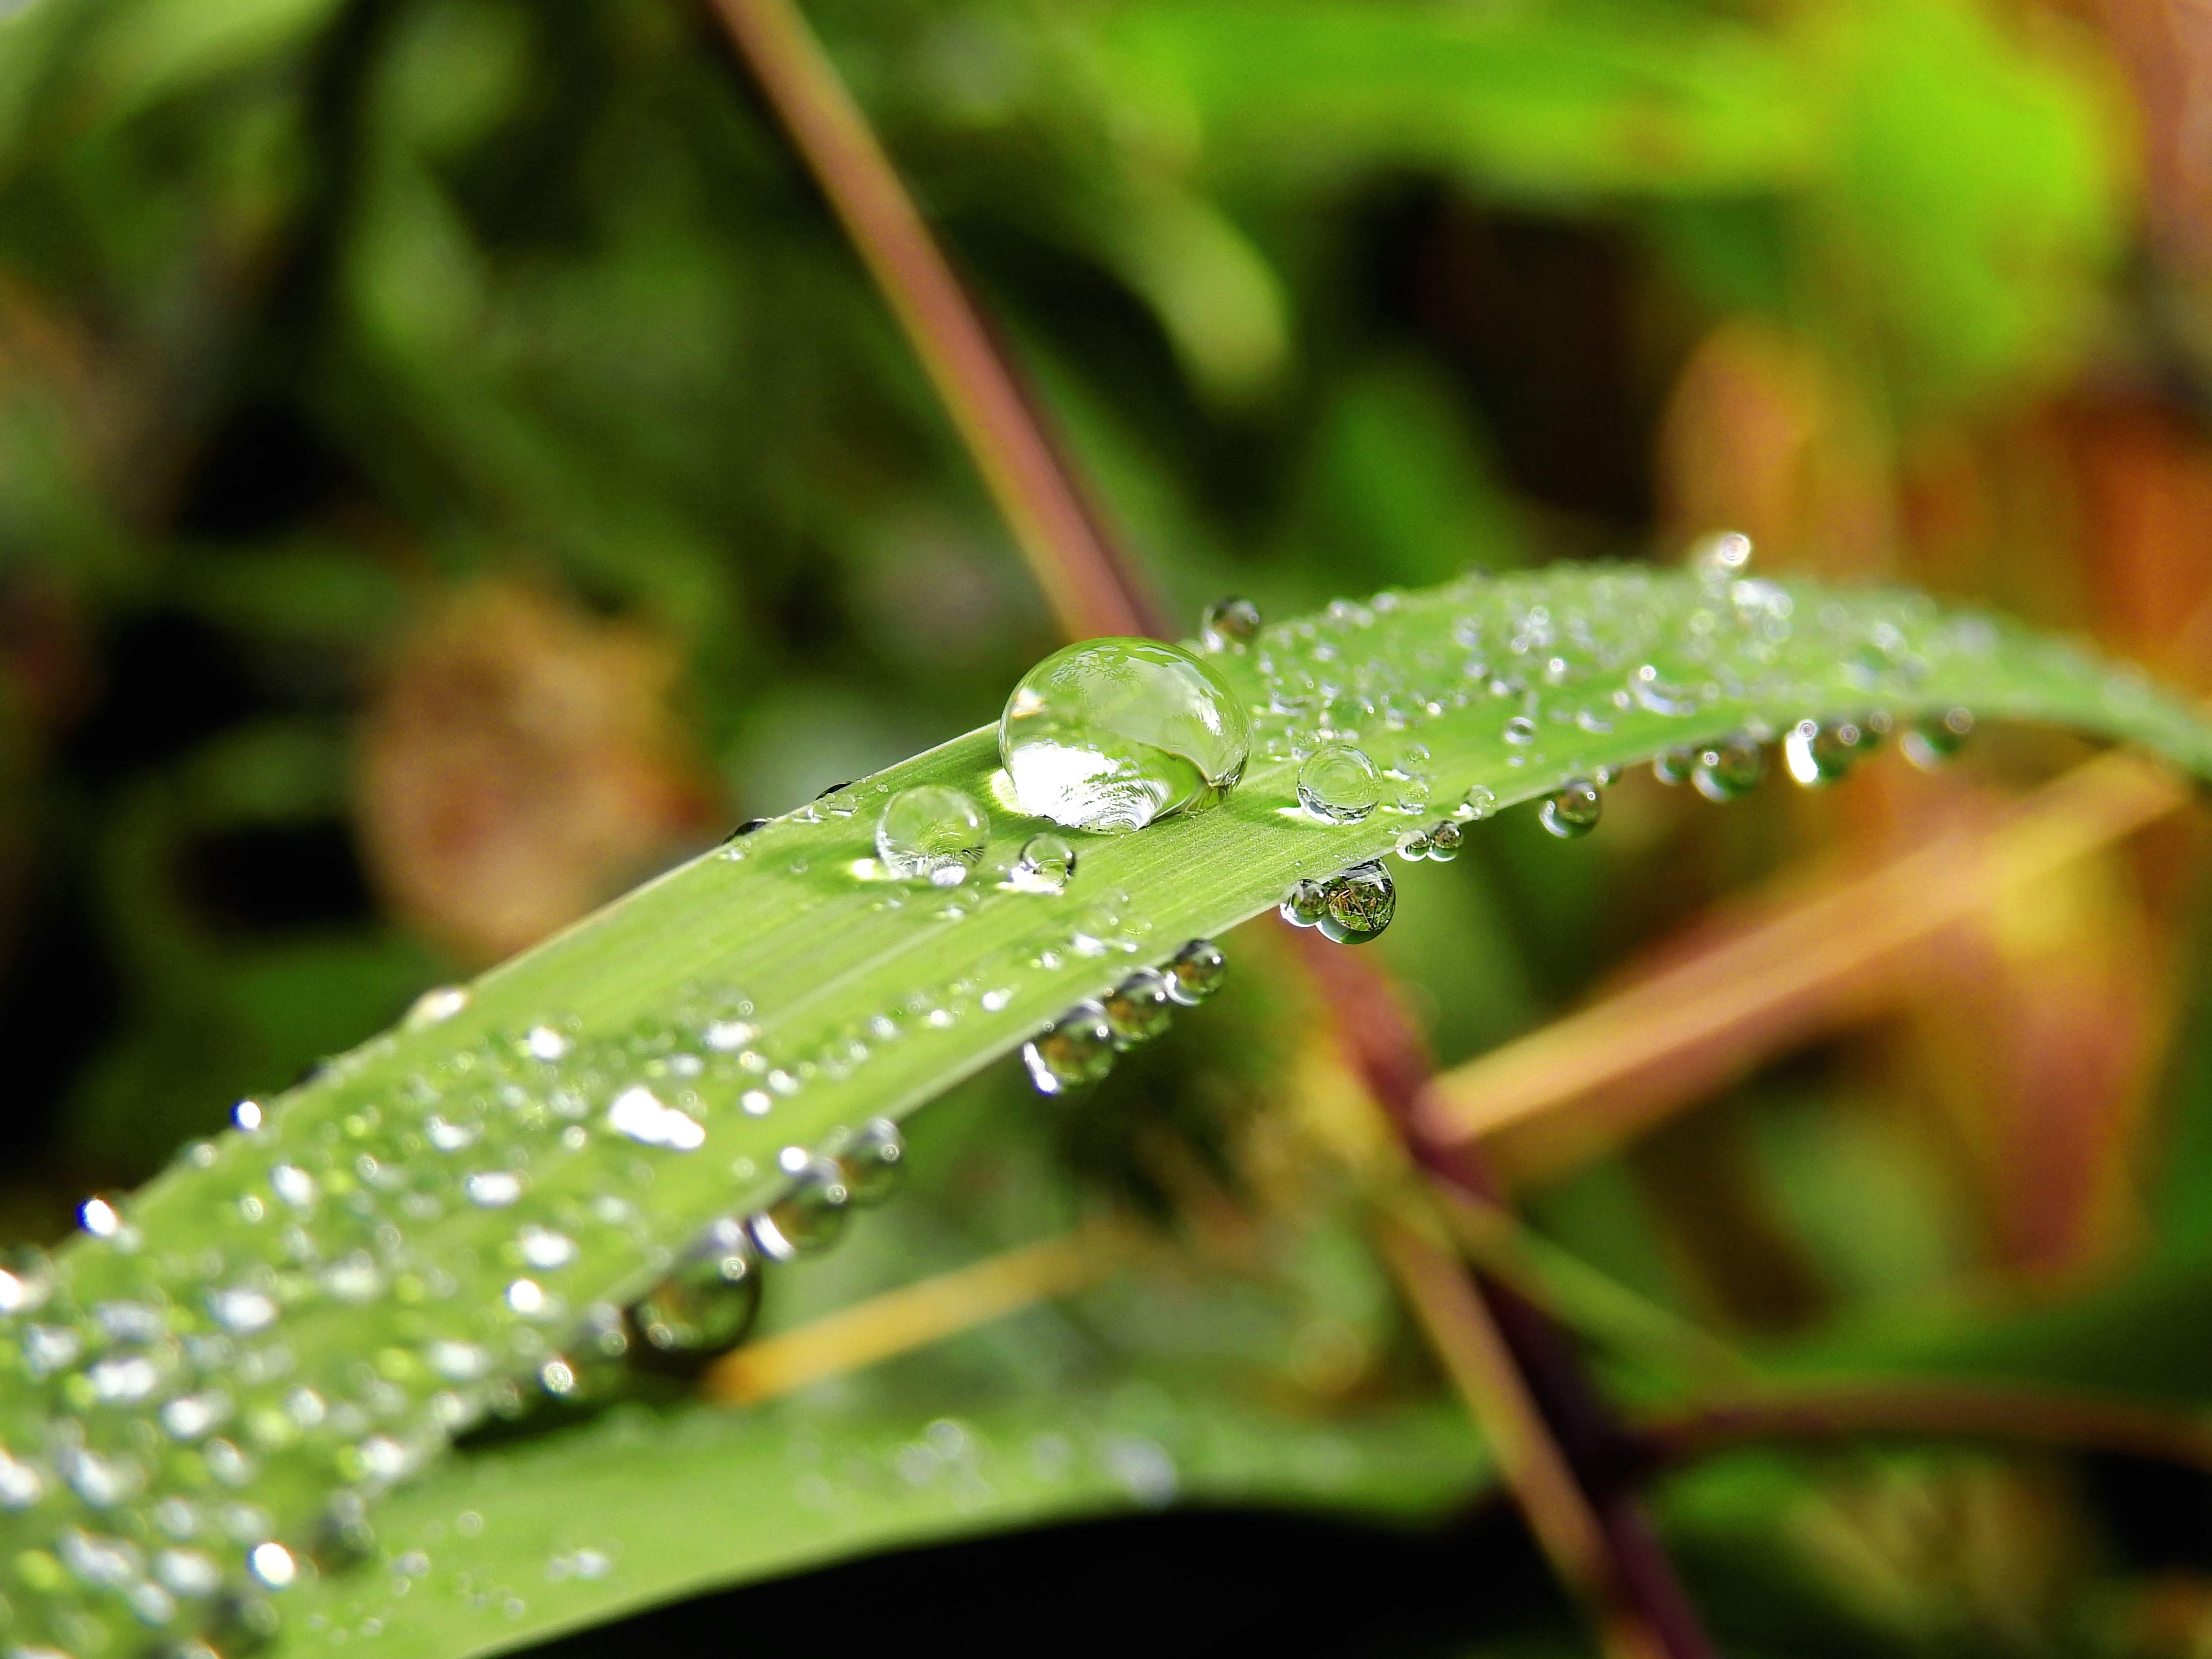 Kostenlose Bild: Natur, Pflanze, Wasser, Tau, grünes Gras